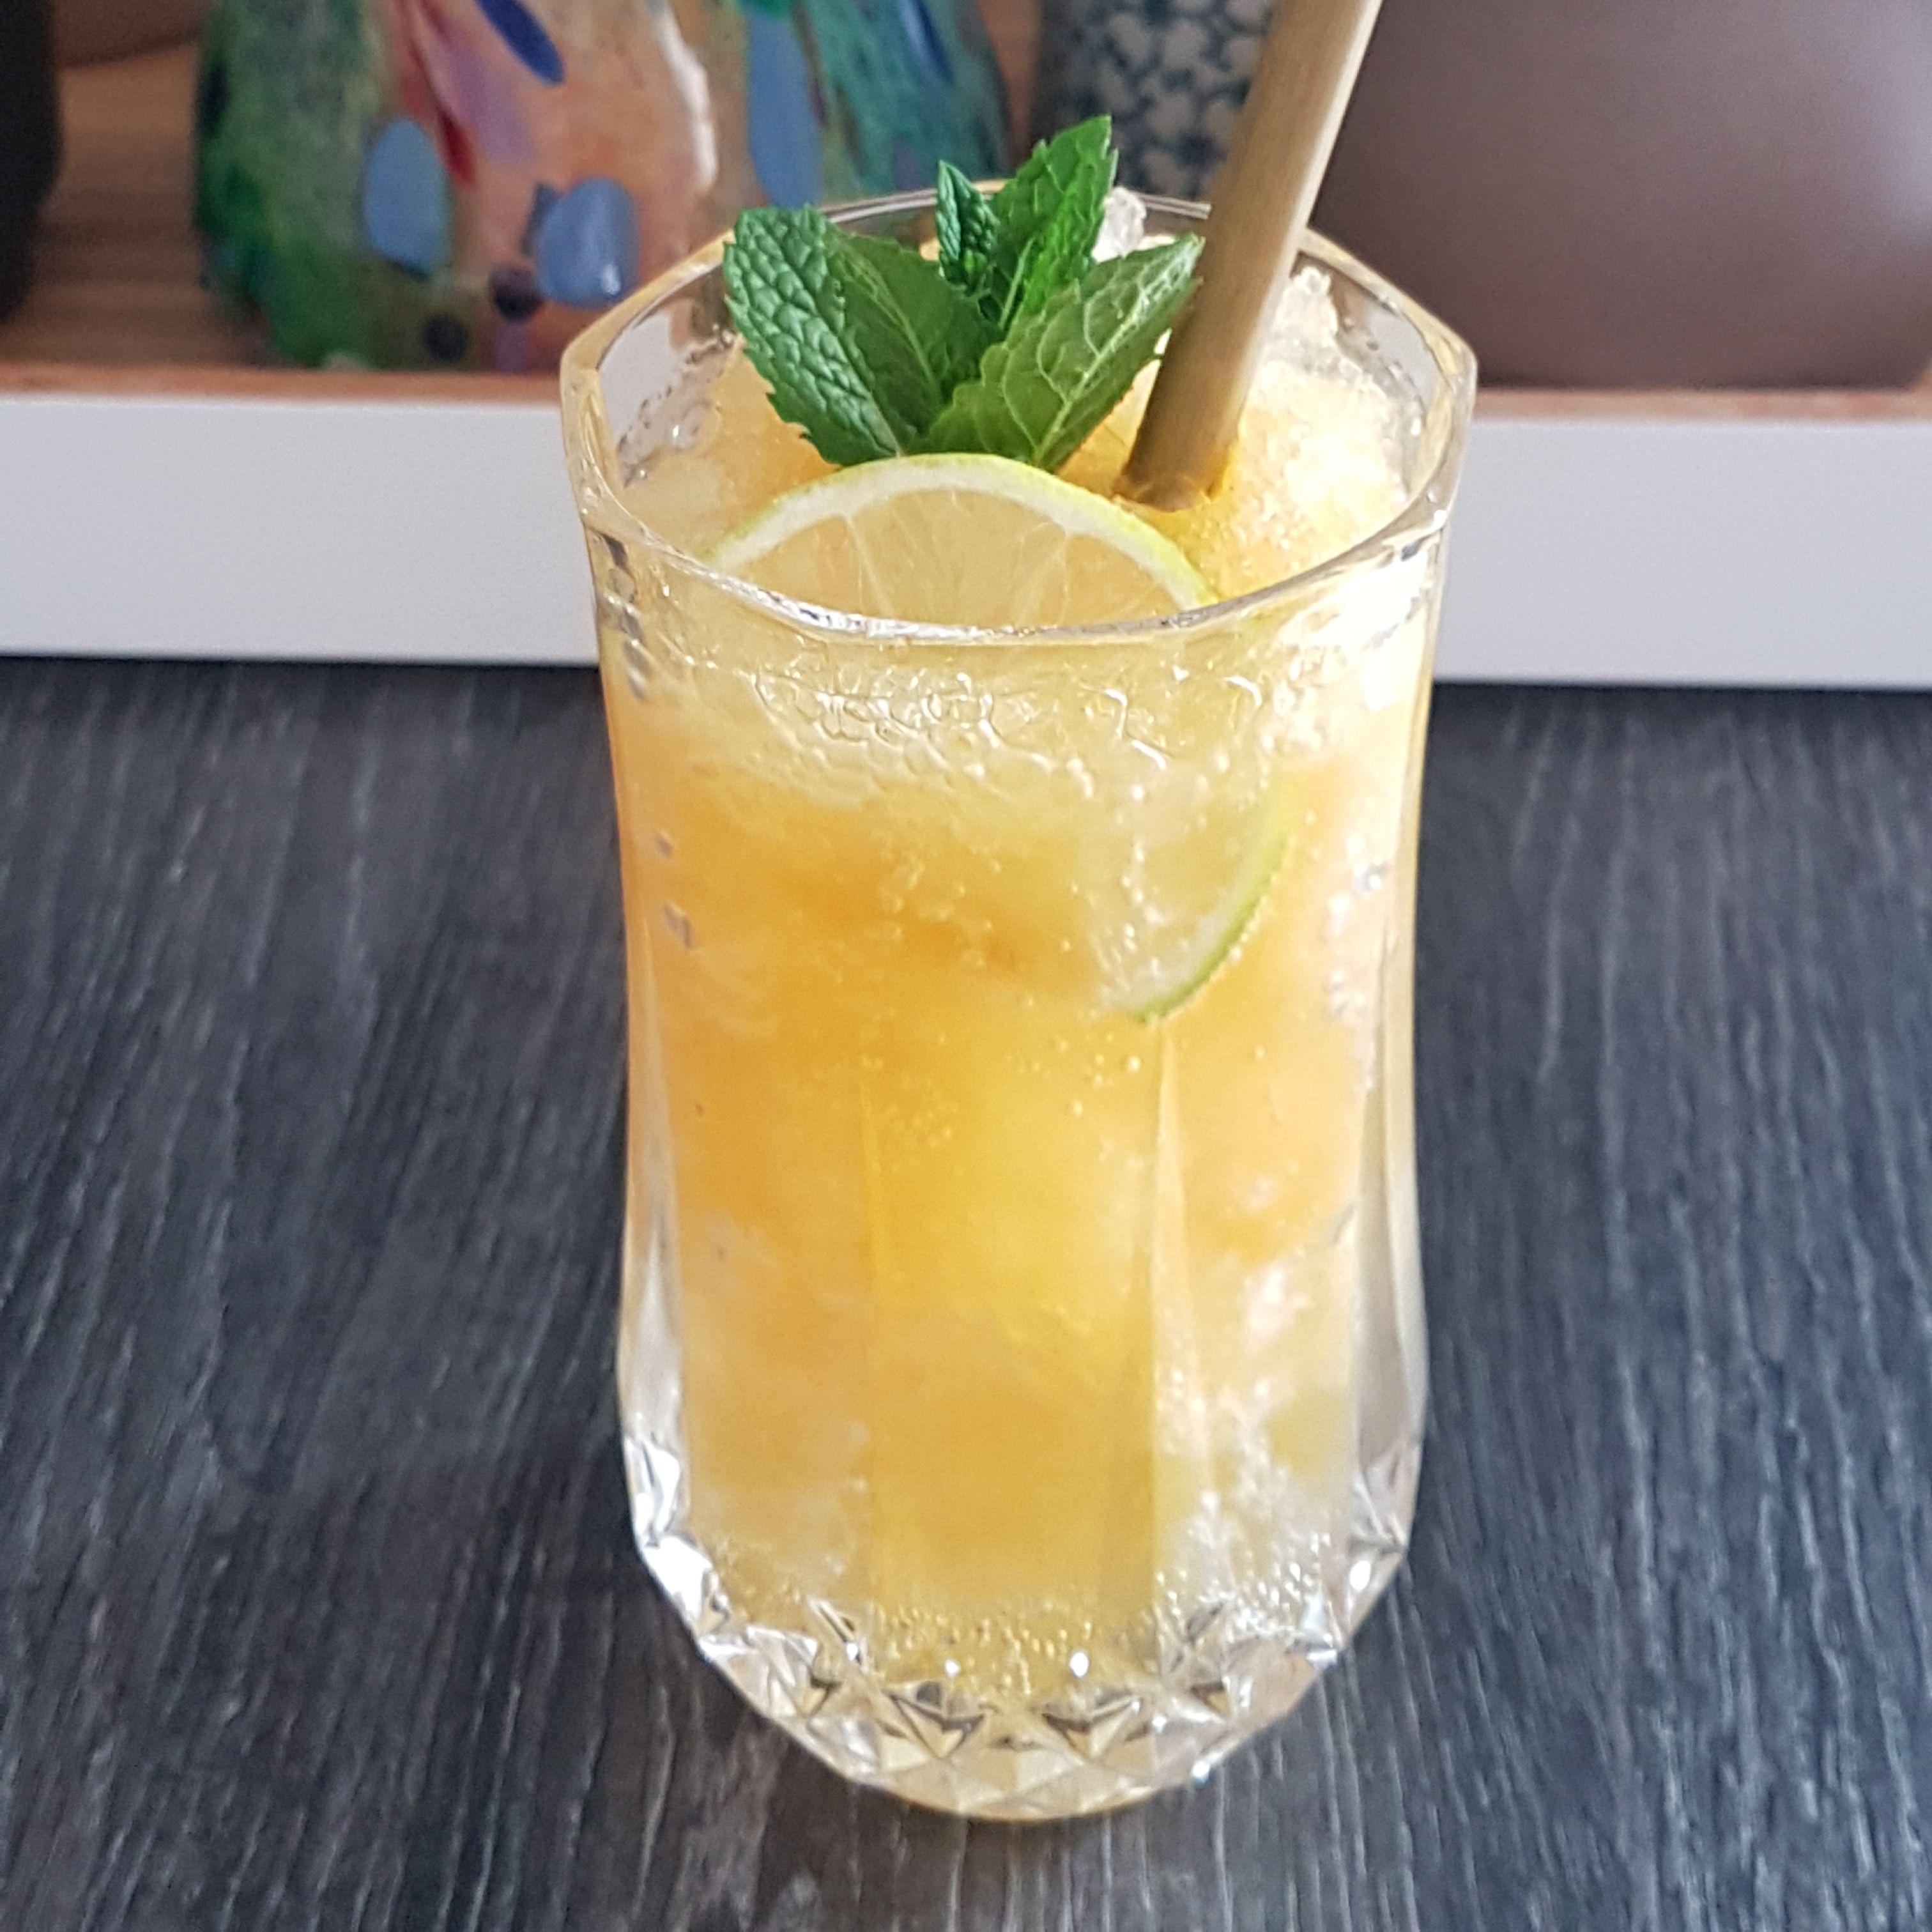 Cocktail avec du Rhum Don Papa | Audrey Cuisine | Recette | Boisson apéritif, Rhum don papa, Audrey cuisine